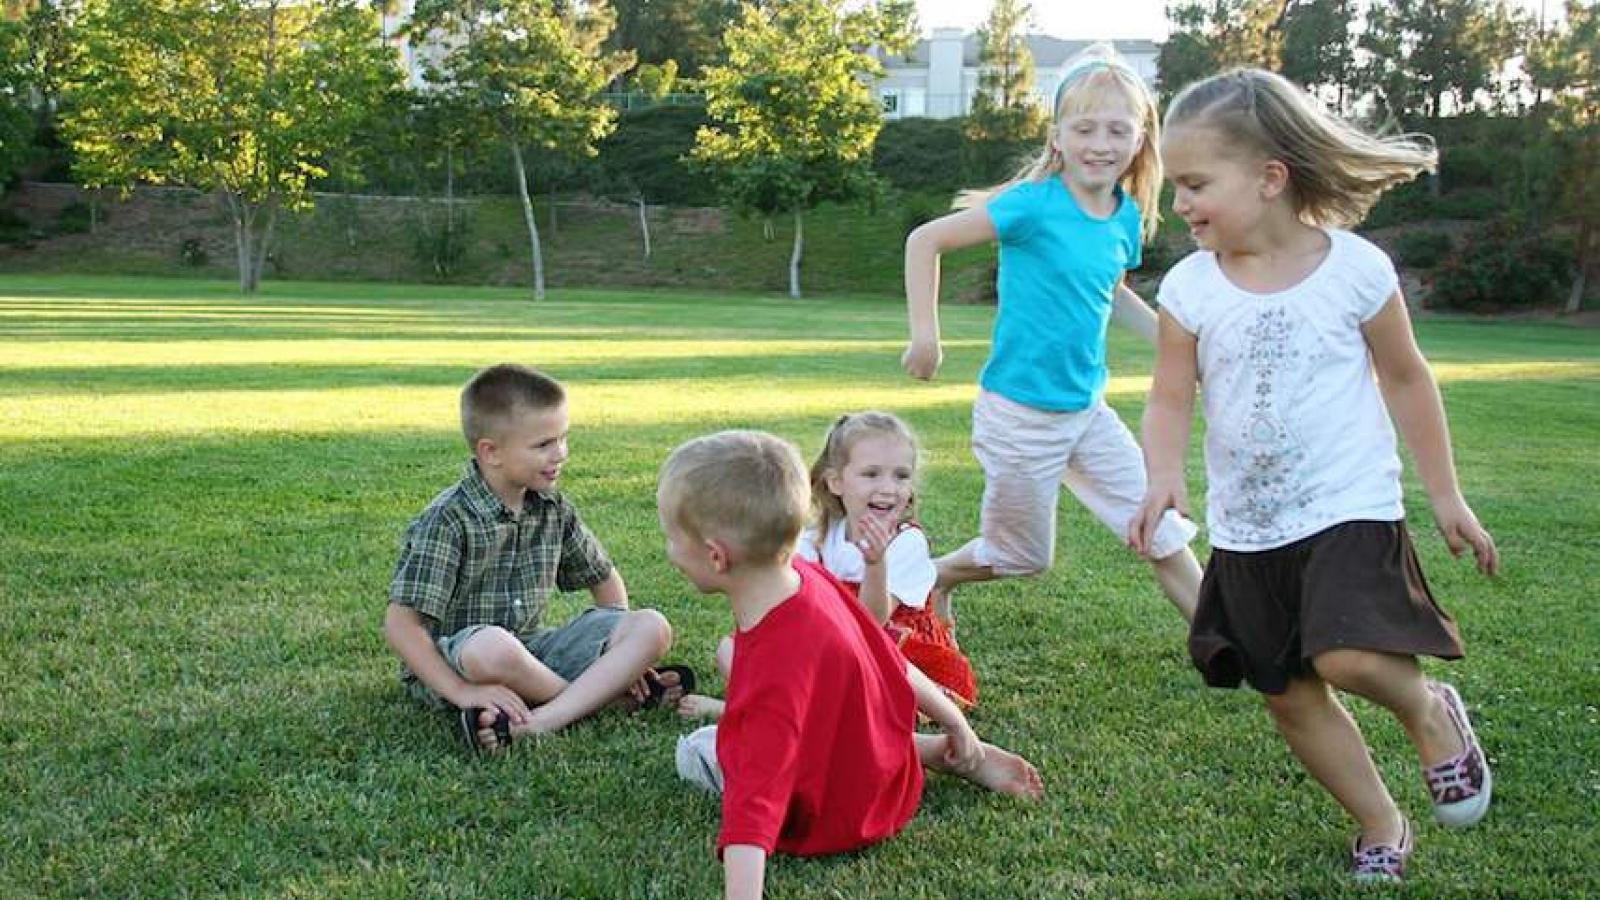 Lời khuyên hữu ích khi cho trẻ hoạt động ngoài trời